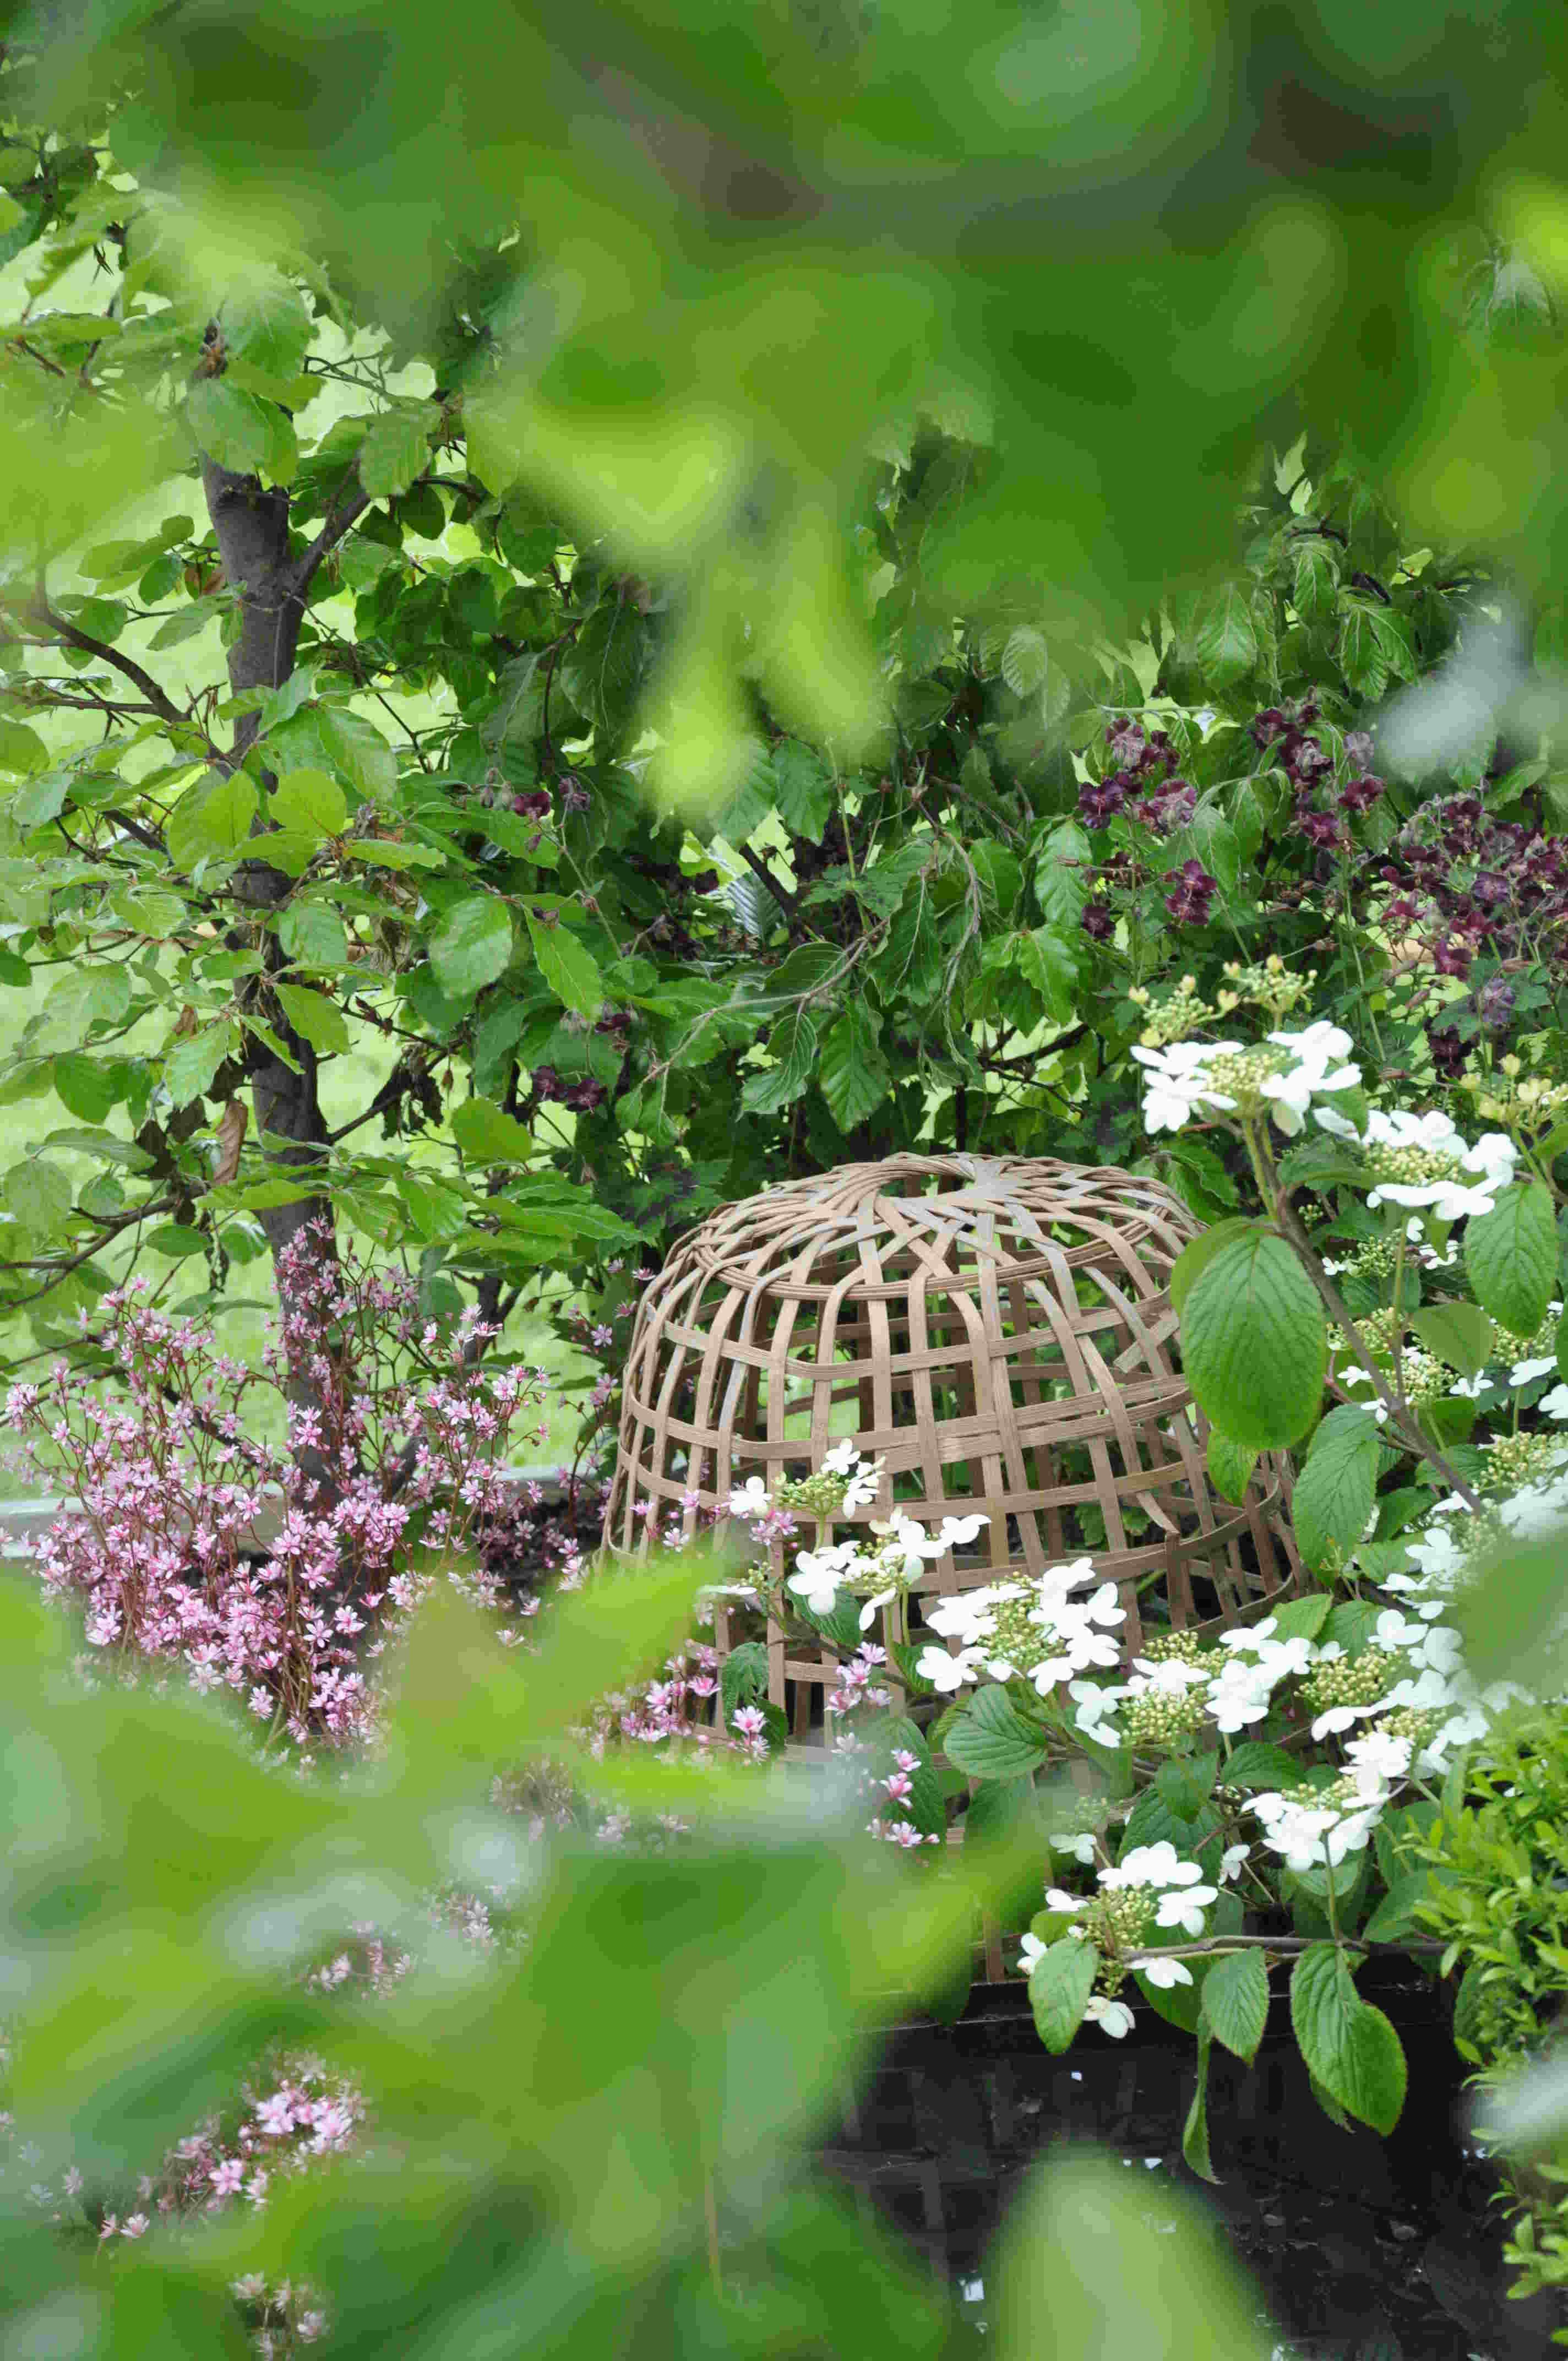 Genom grönskan tittar en bur som skyddar ömtåliga plantor.